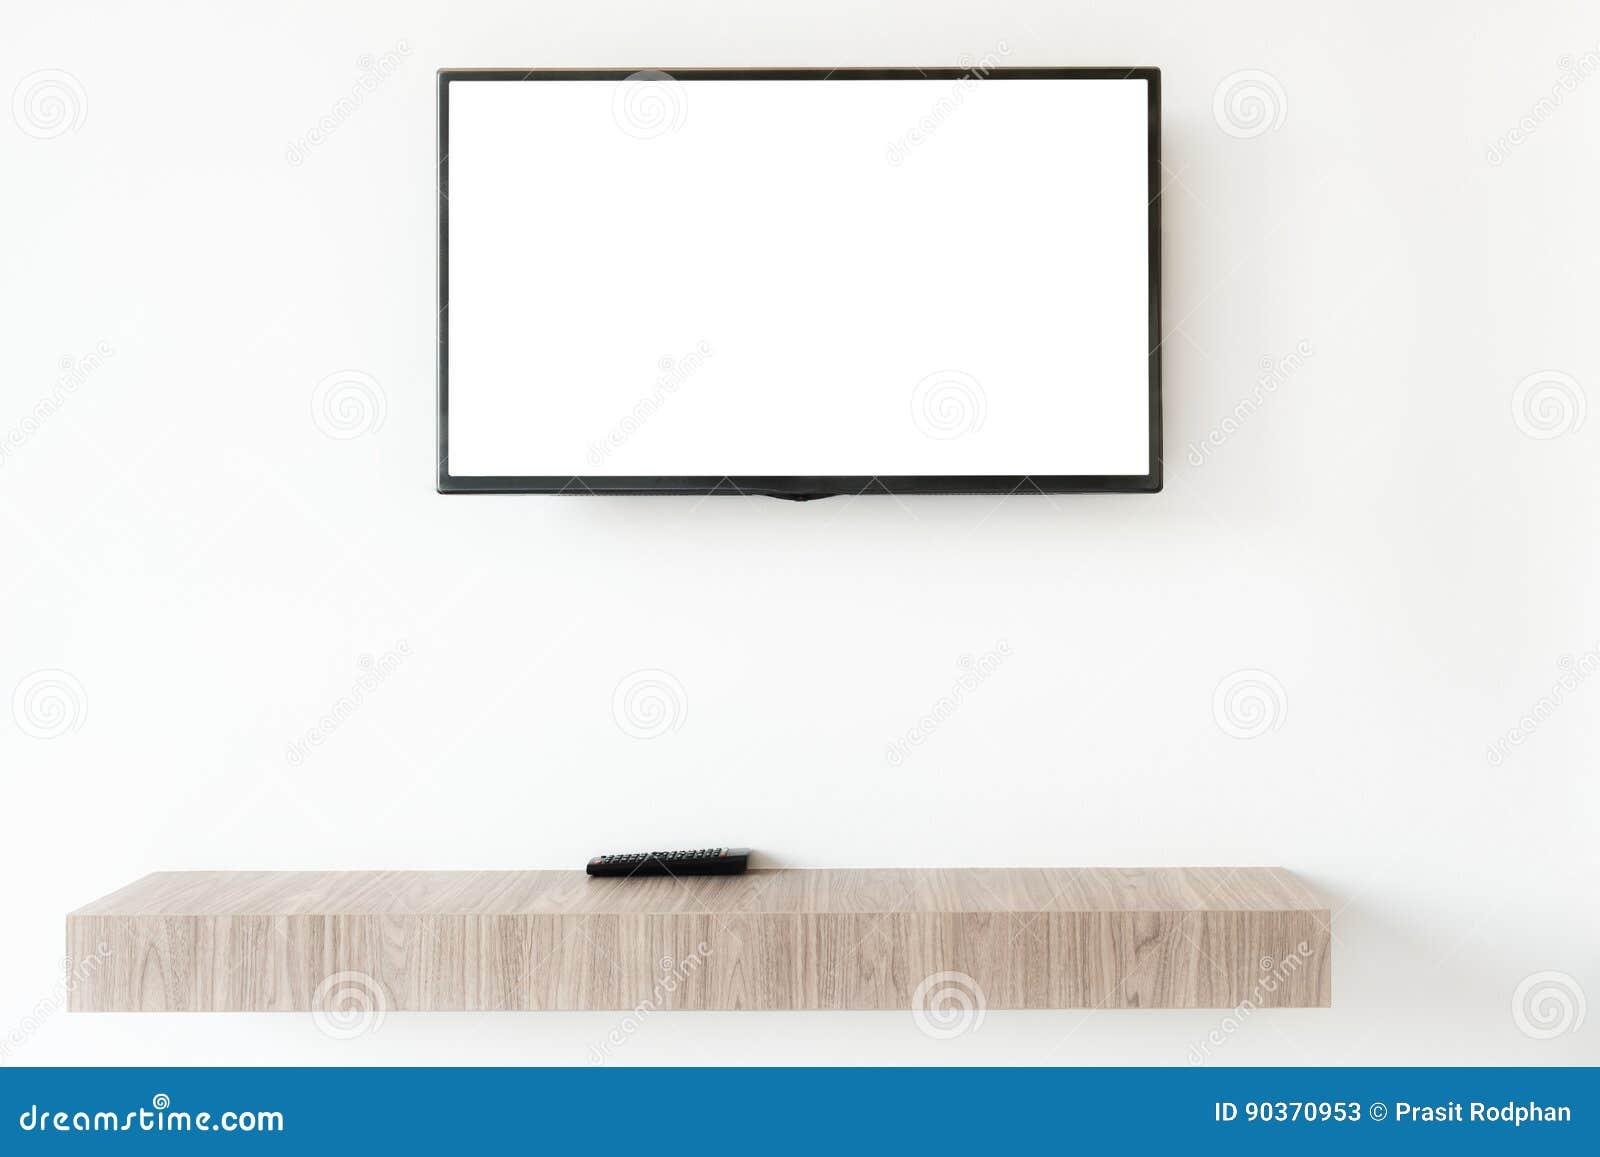 嘲笑有遥远的盘区的平的电视屏幕wwden在livin的架子